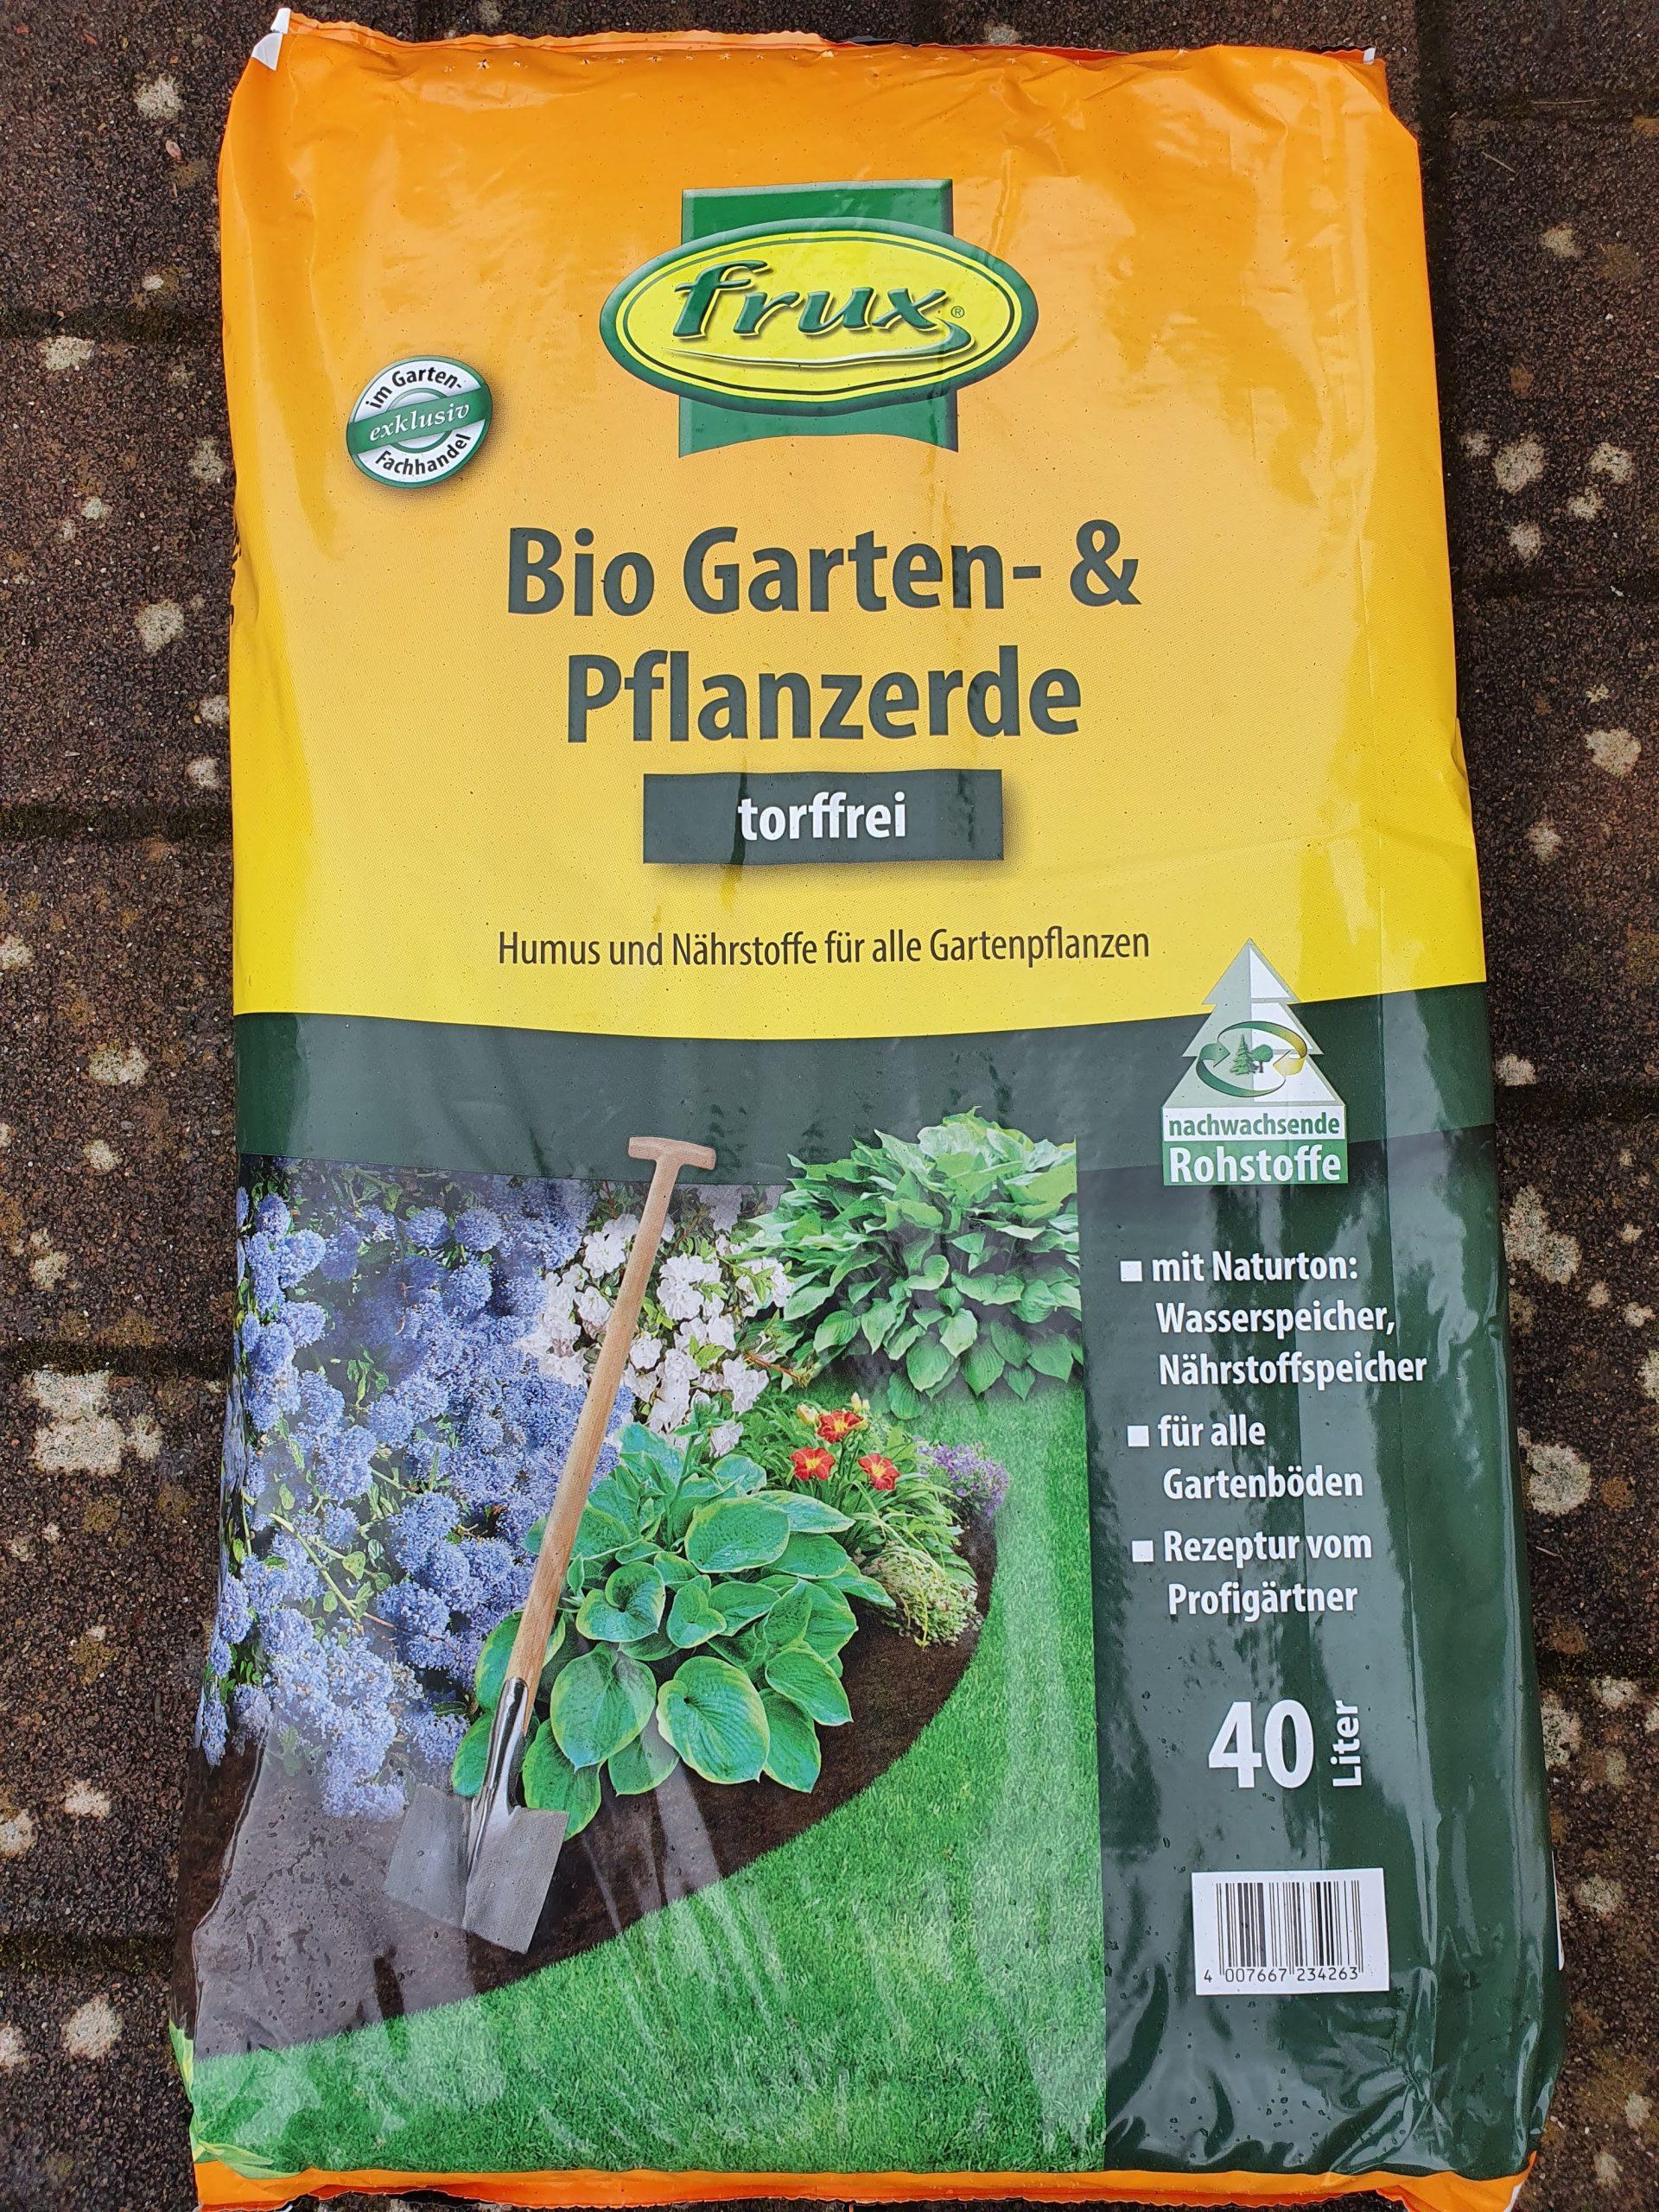 Bio Garten- und Pflanzerde torffrei